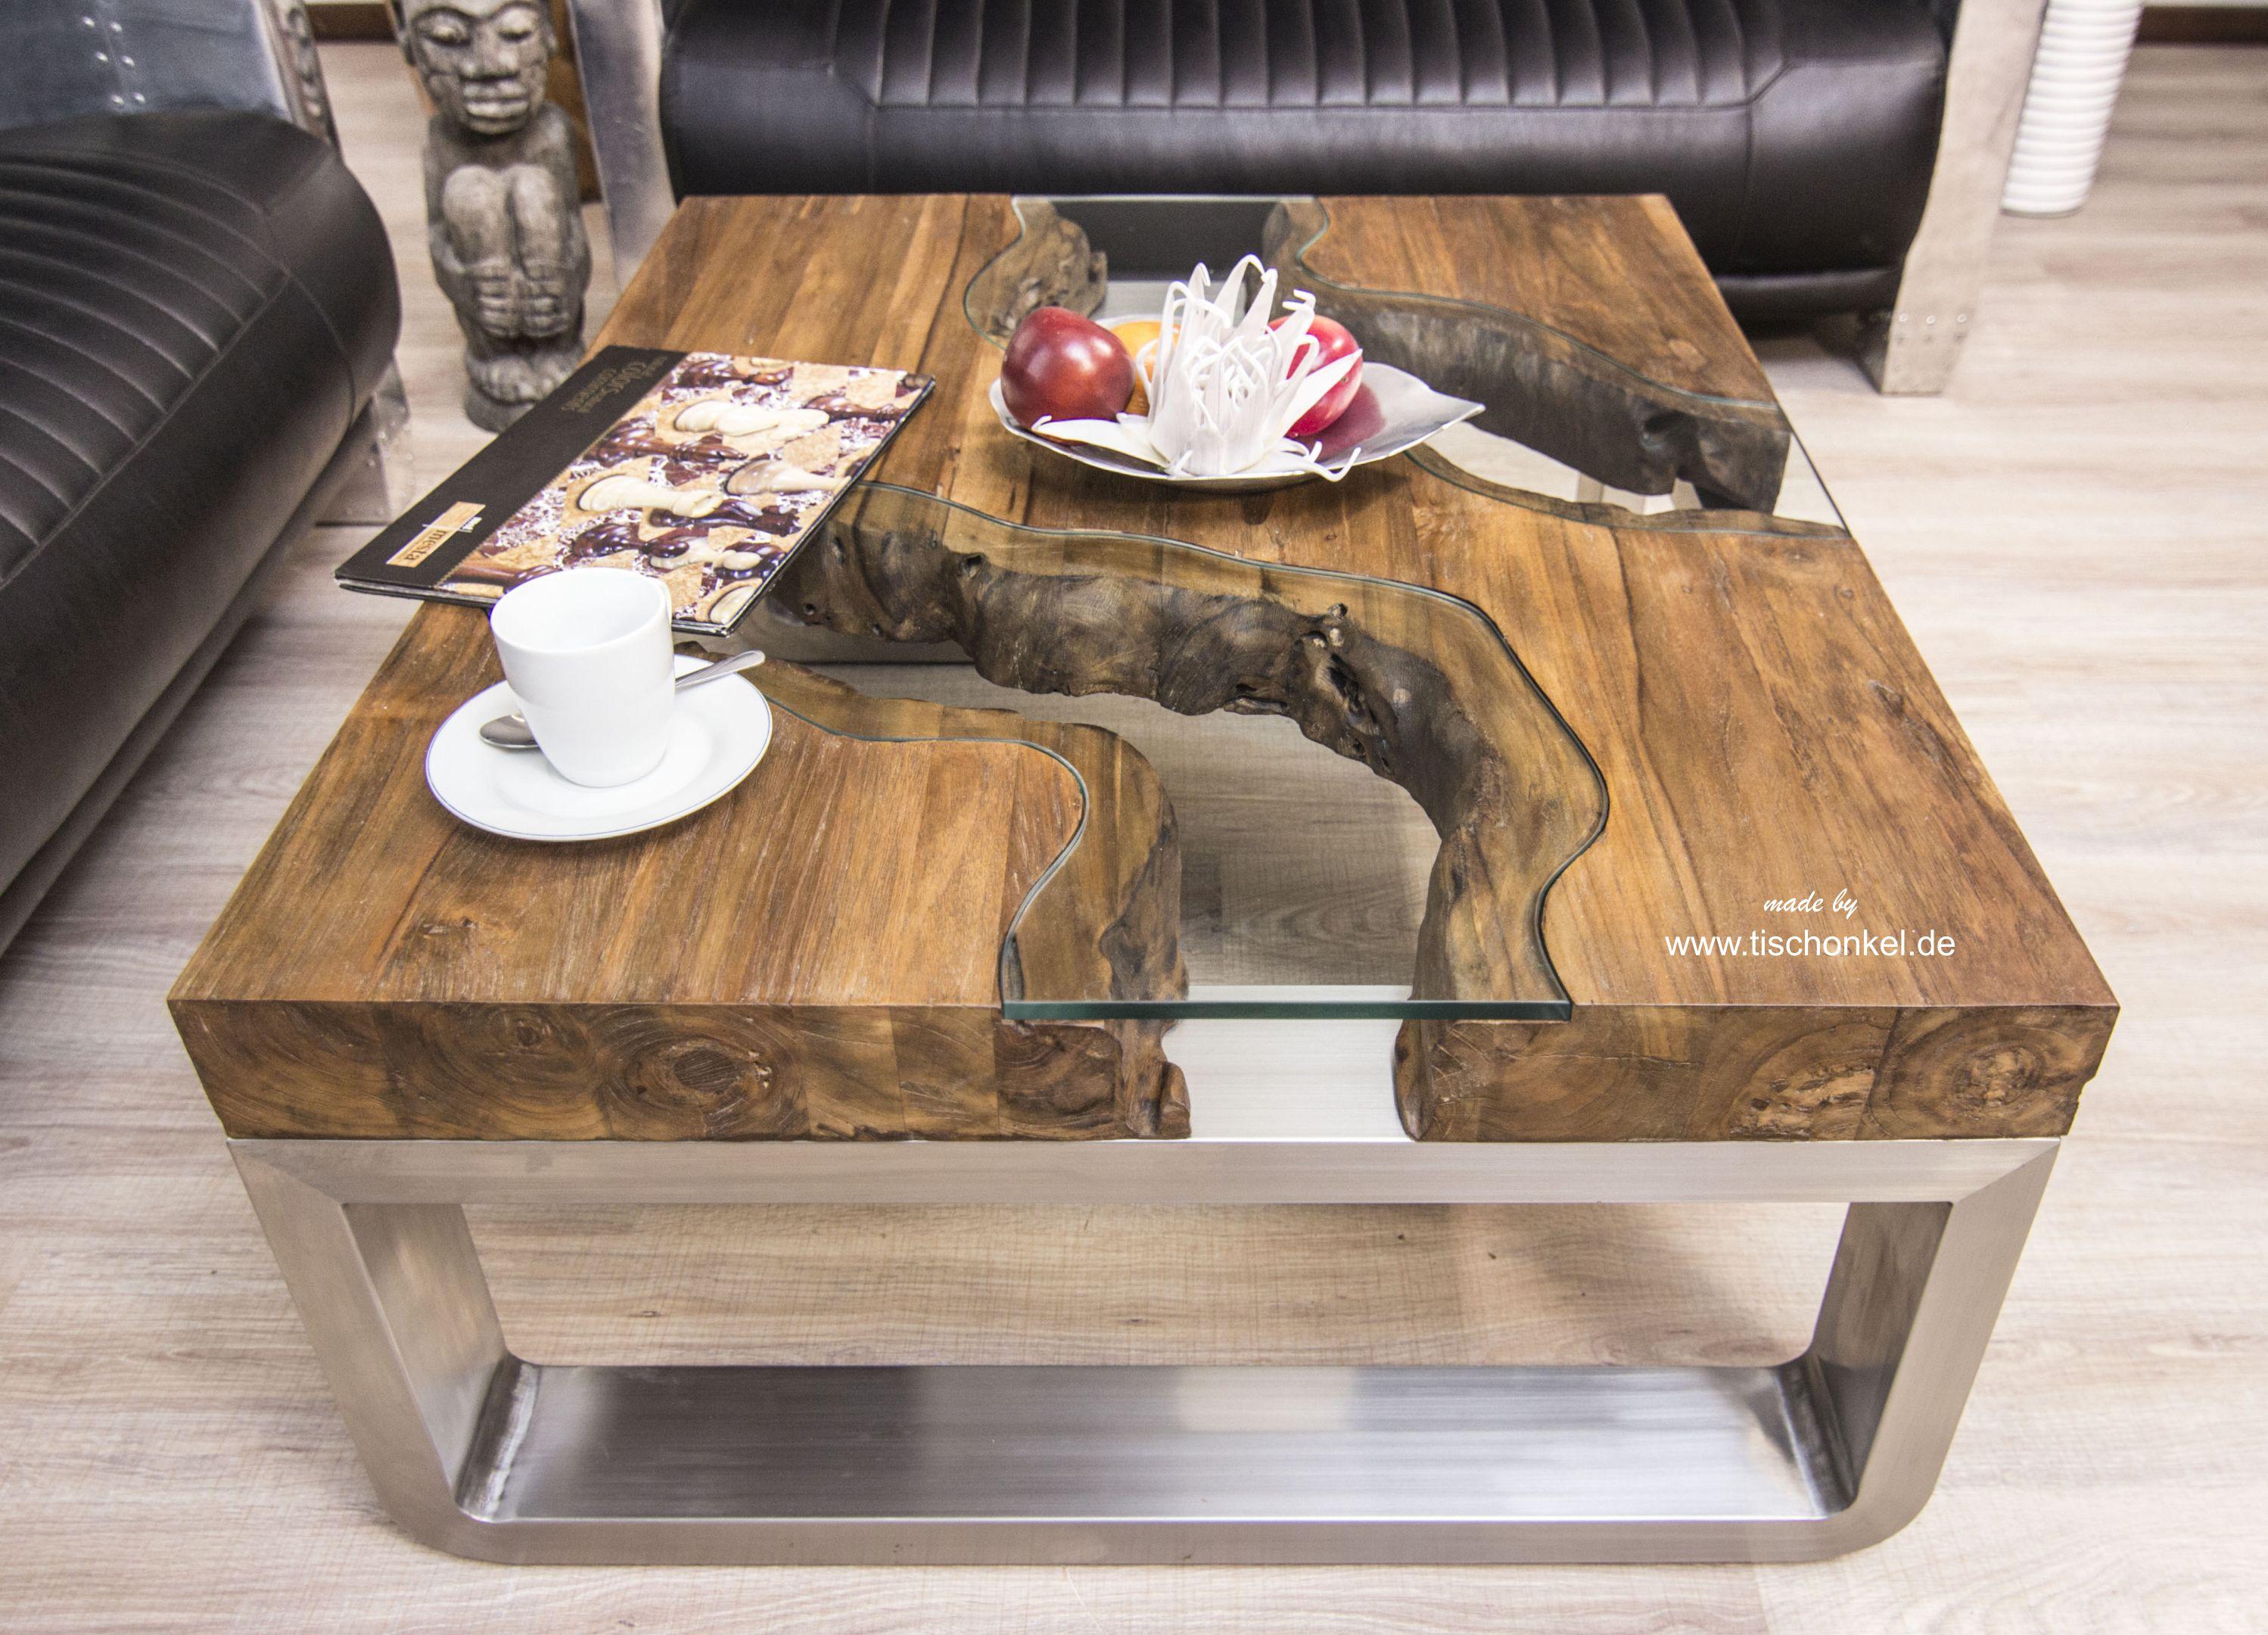 couchtisch aus holz 100x80 cm wild landscape der tischonkel. Black Bedroom Furniture Sets. Home Design Ideas